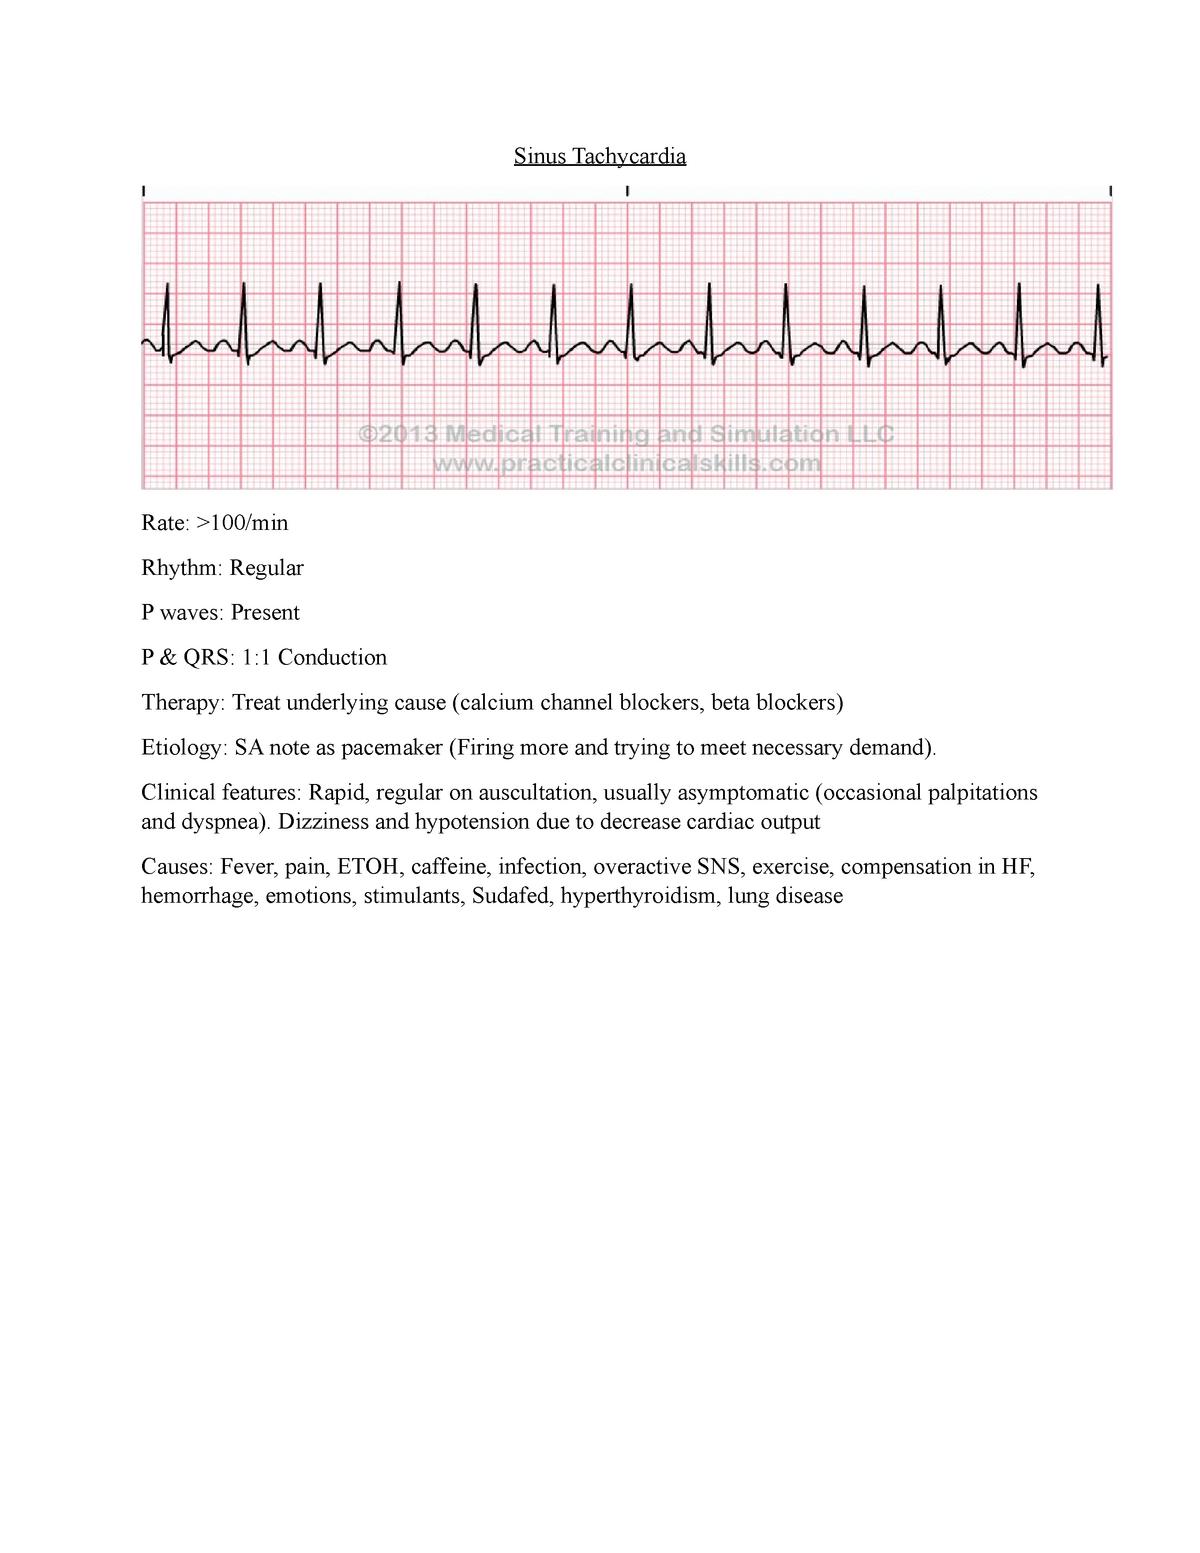 Sinus Tachycardia - Cardiac - 122 Nursing 122 - StuDocu